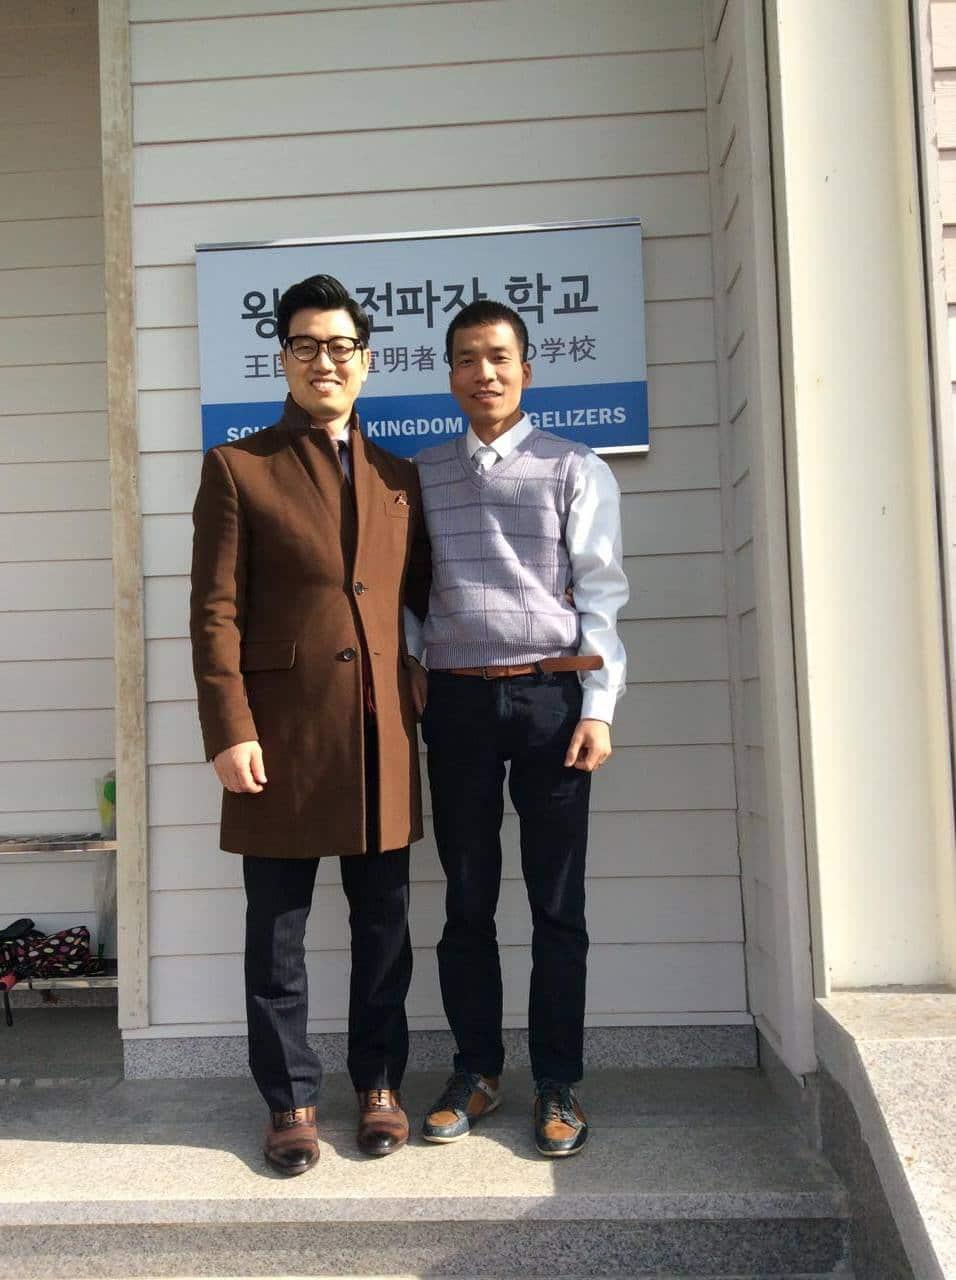 Ban lãnh đạo công ty Kikentech tham dự hội trợ triễn lãm ở Seoul tại Hàn Quốc. Kikentech là công ty liên kết với các doanh nghiệp Hàn Quốc chuyên lắp đặt kho lạnh công nghiệp, lắp đặt kho lạnh bảo quản. Chi tiết báo giá kho lạnh liên hệ 0944.899.886 để được tư vấn nhanh chóng chi tiết miễn phí.